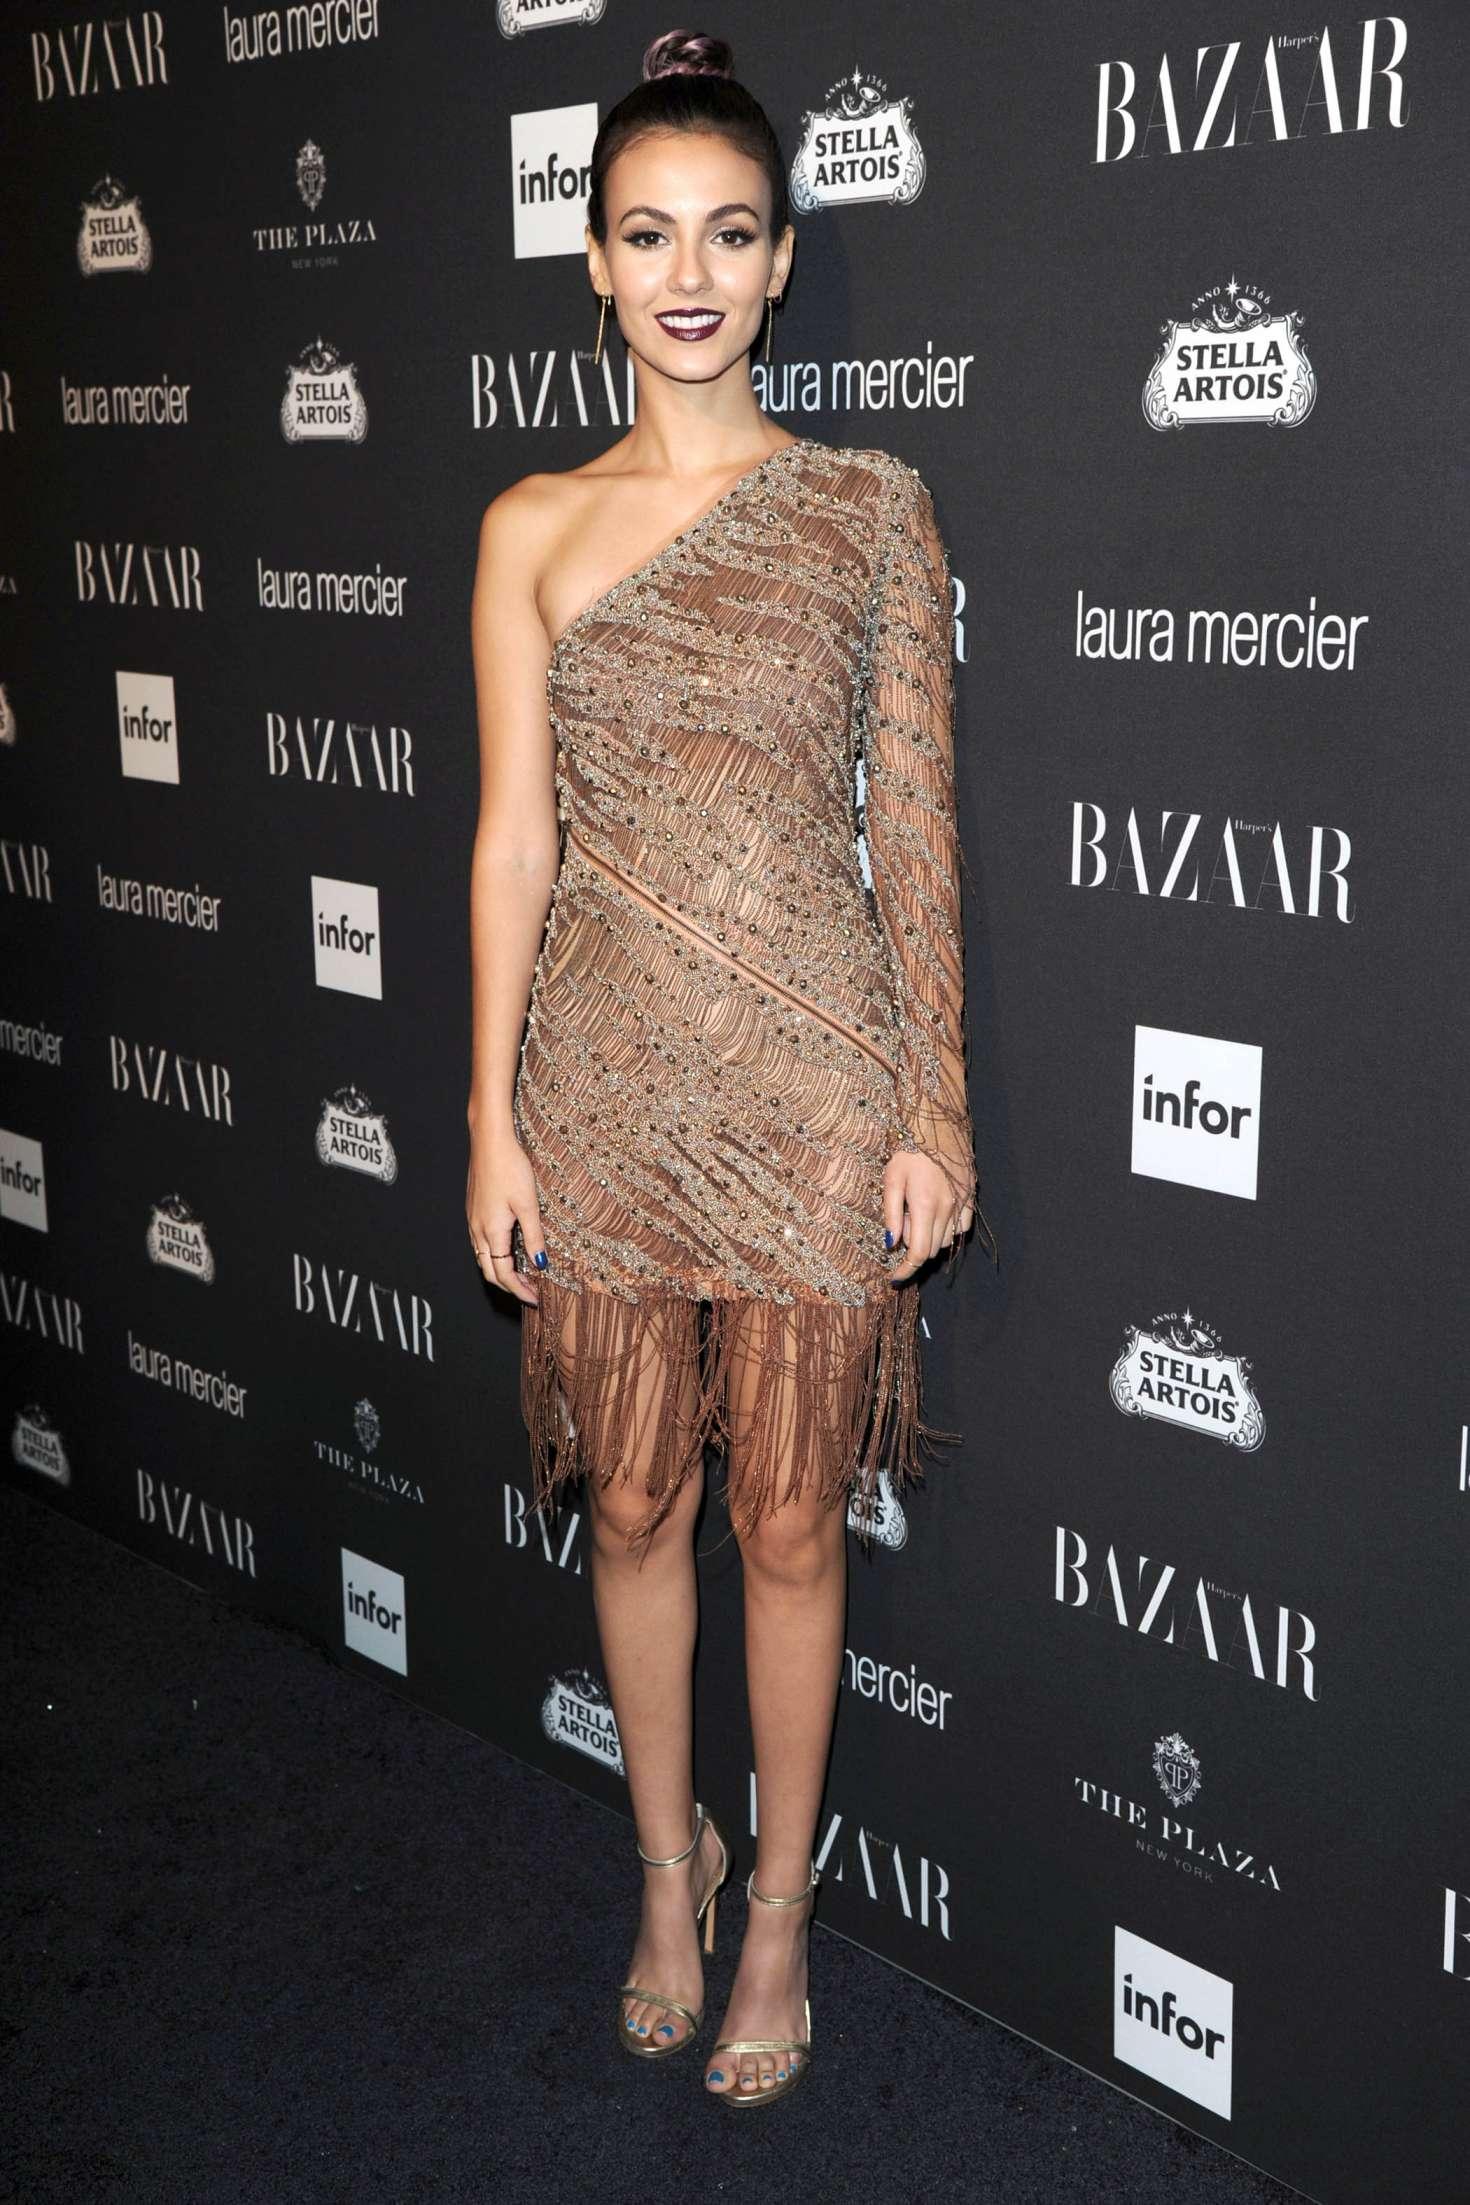 Виктория Джастис (Victoria Justice) в платье с бахромой